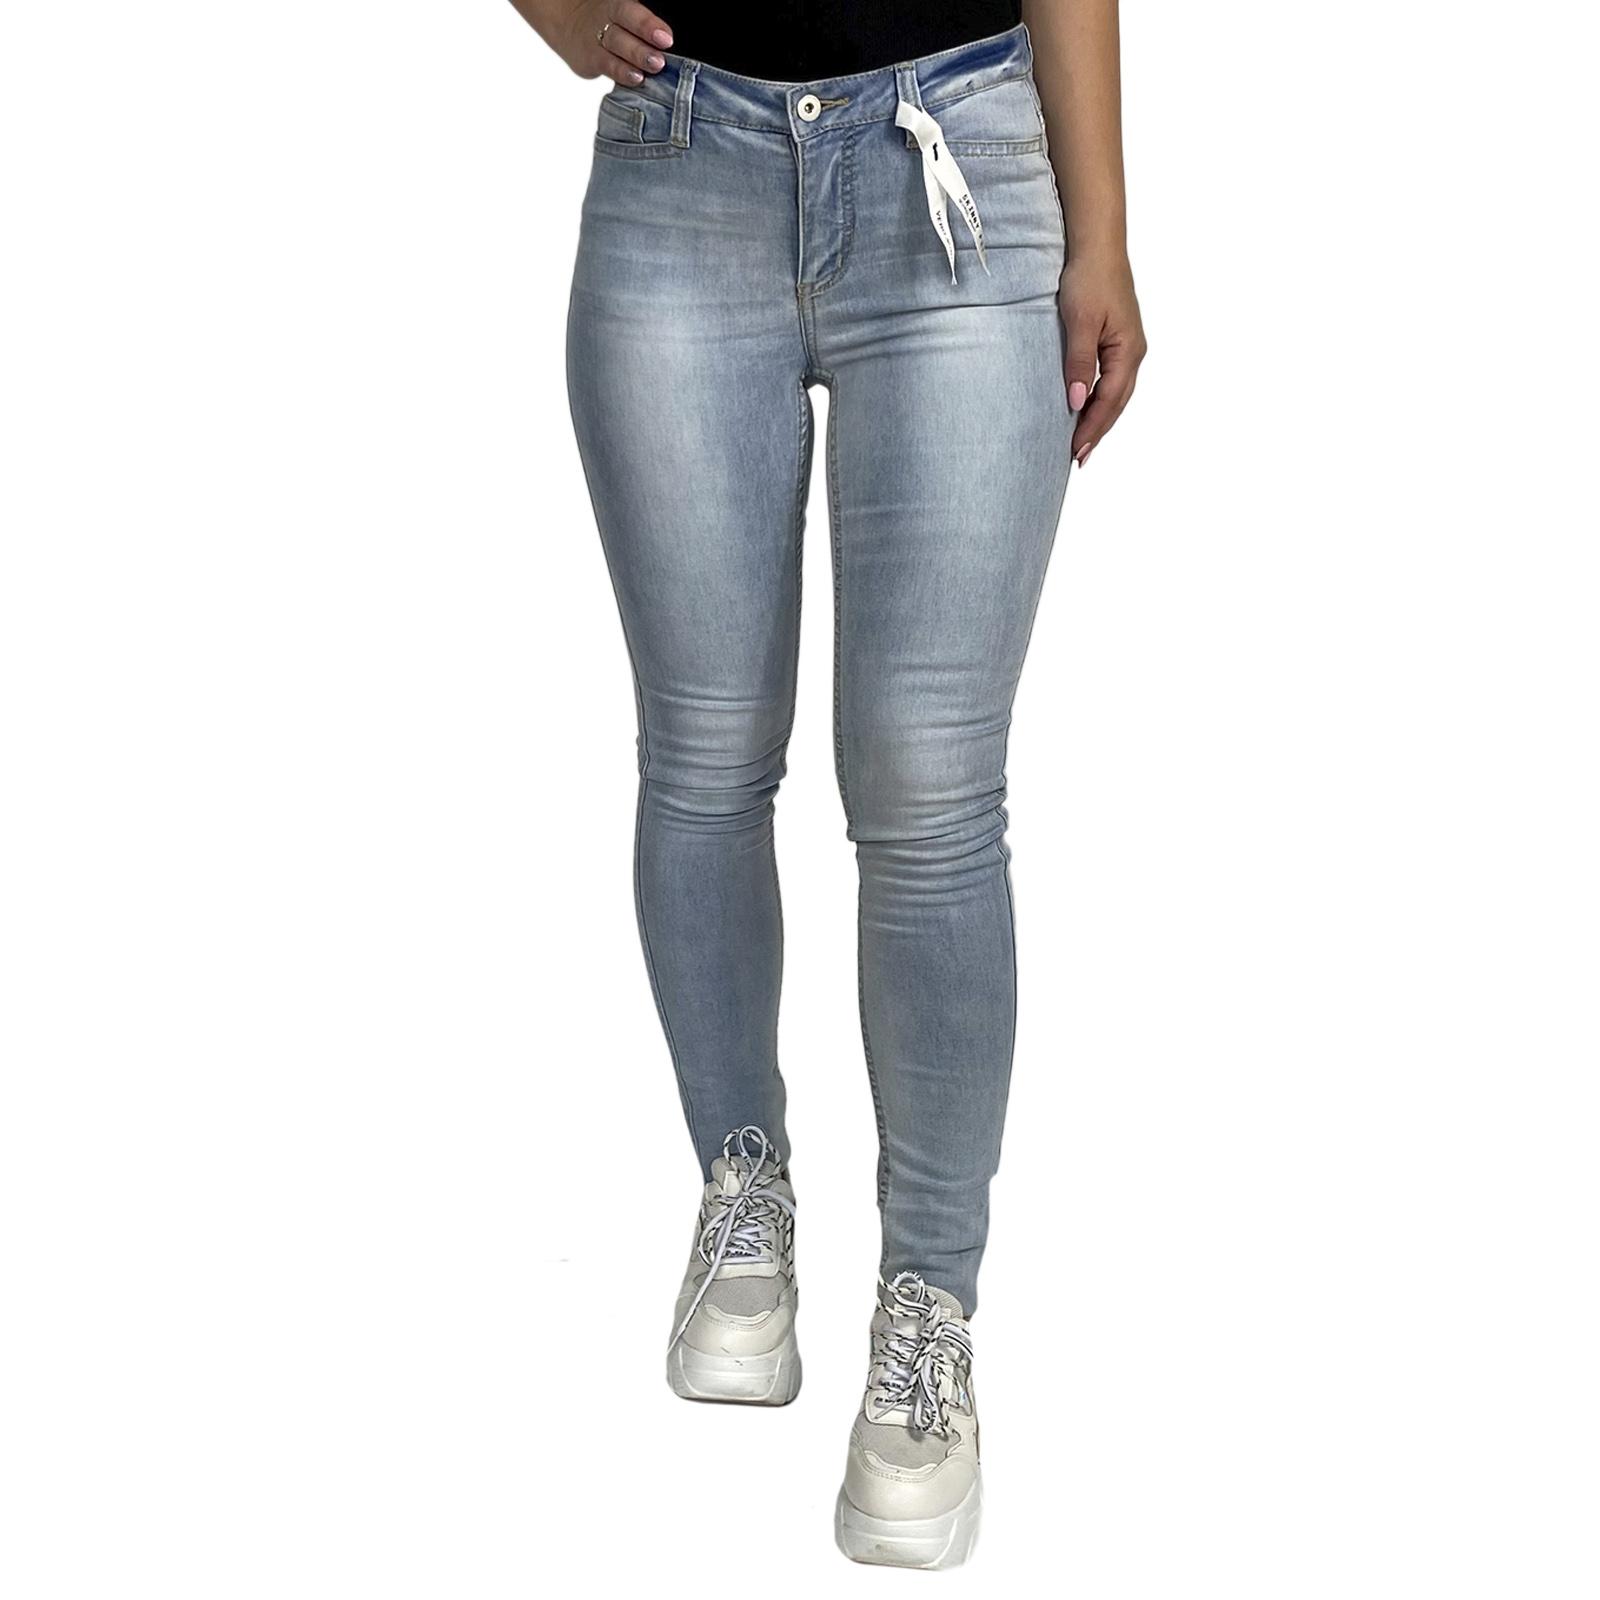 Эротично облегающие брендовые джинсы Vero Moda®. Подчеркивают изгибы фигуры, приподнимают ягодицы и визуально удлиняют ножки. Горячо? А ЦЕНА ЕЩЕ ГОРЯЧЕЕ!